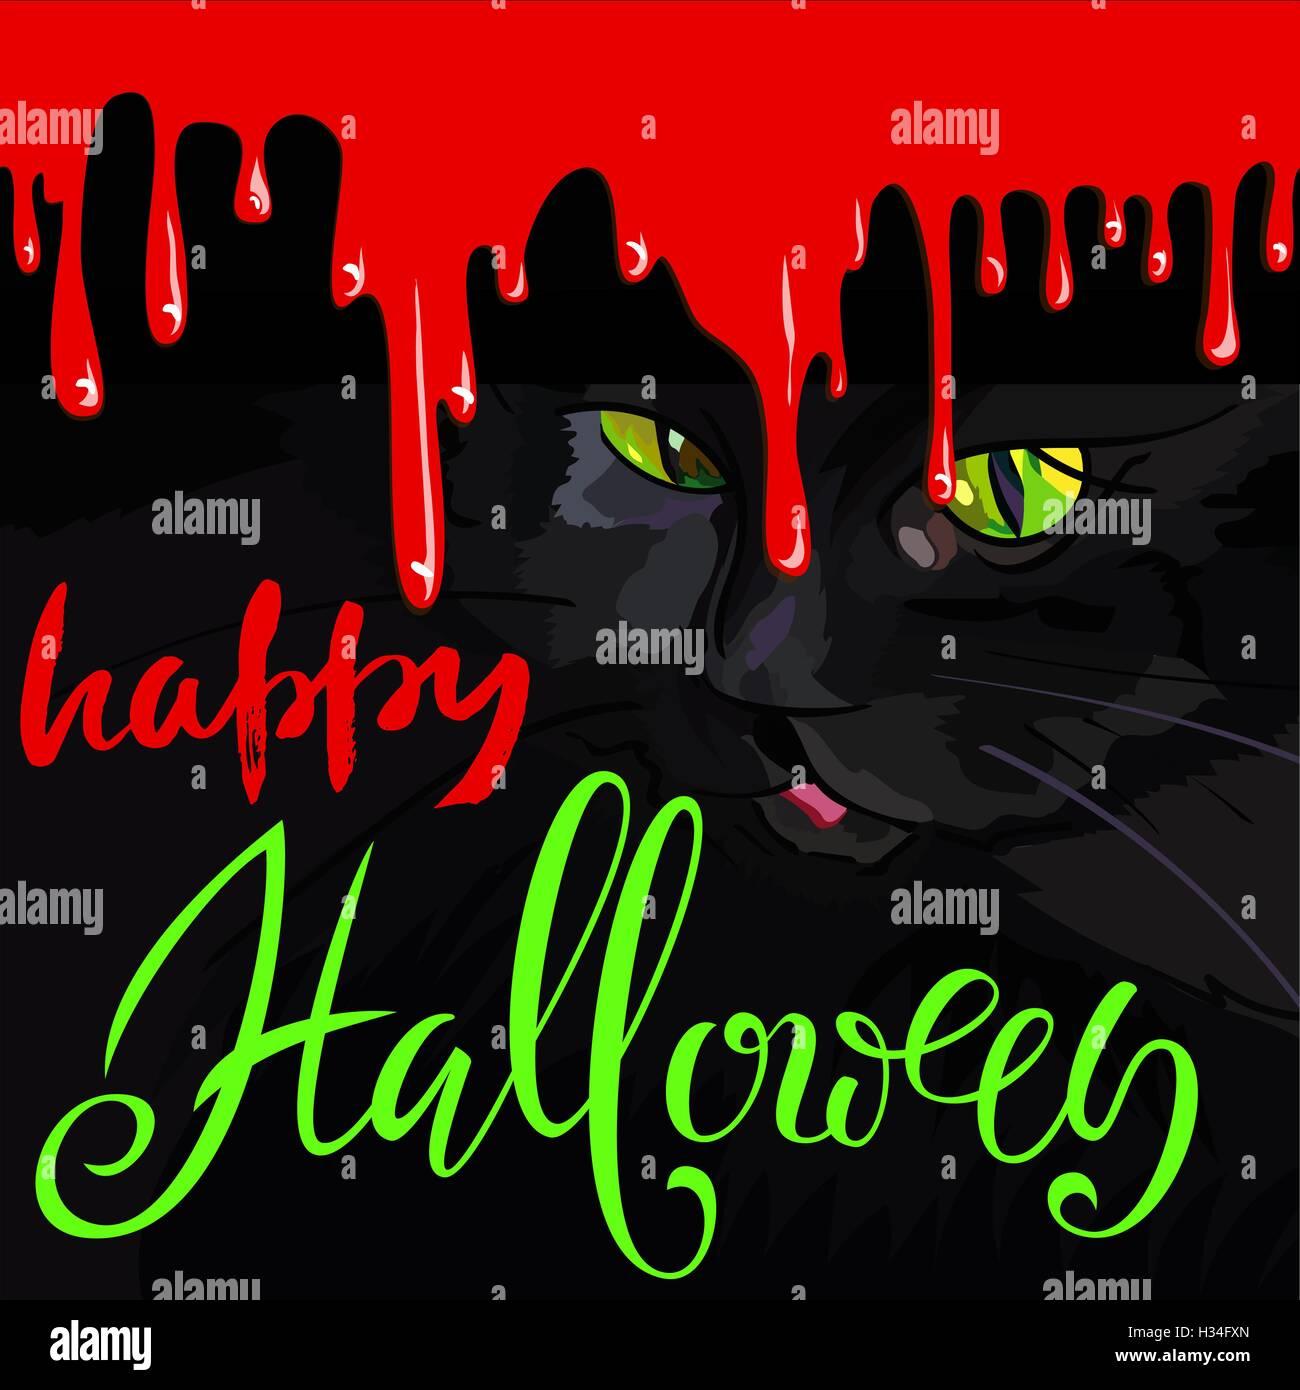 Halloween Invitation Poster Blood Stock Photos & Halloween ...